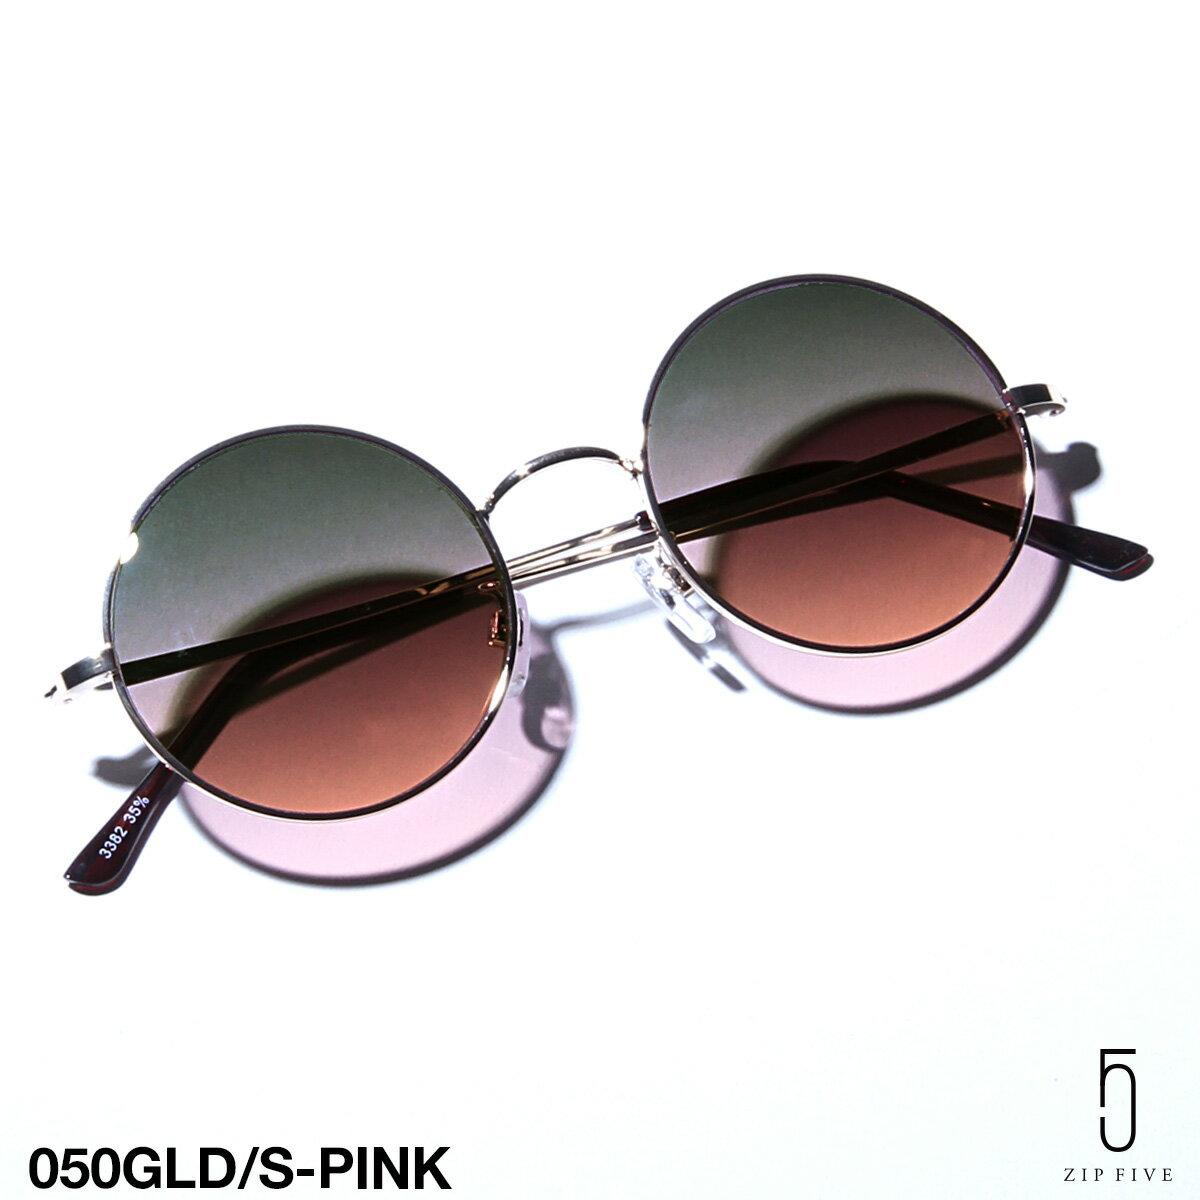 サングラス メンズ メガネ 眼鏡 ボストン サークル ロイド ラウンド グラサン ZIP ジップ 春 春物 【zo-0032】 D